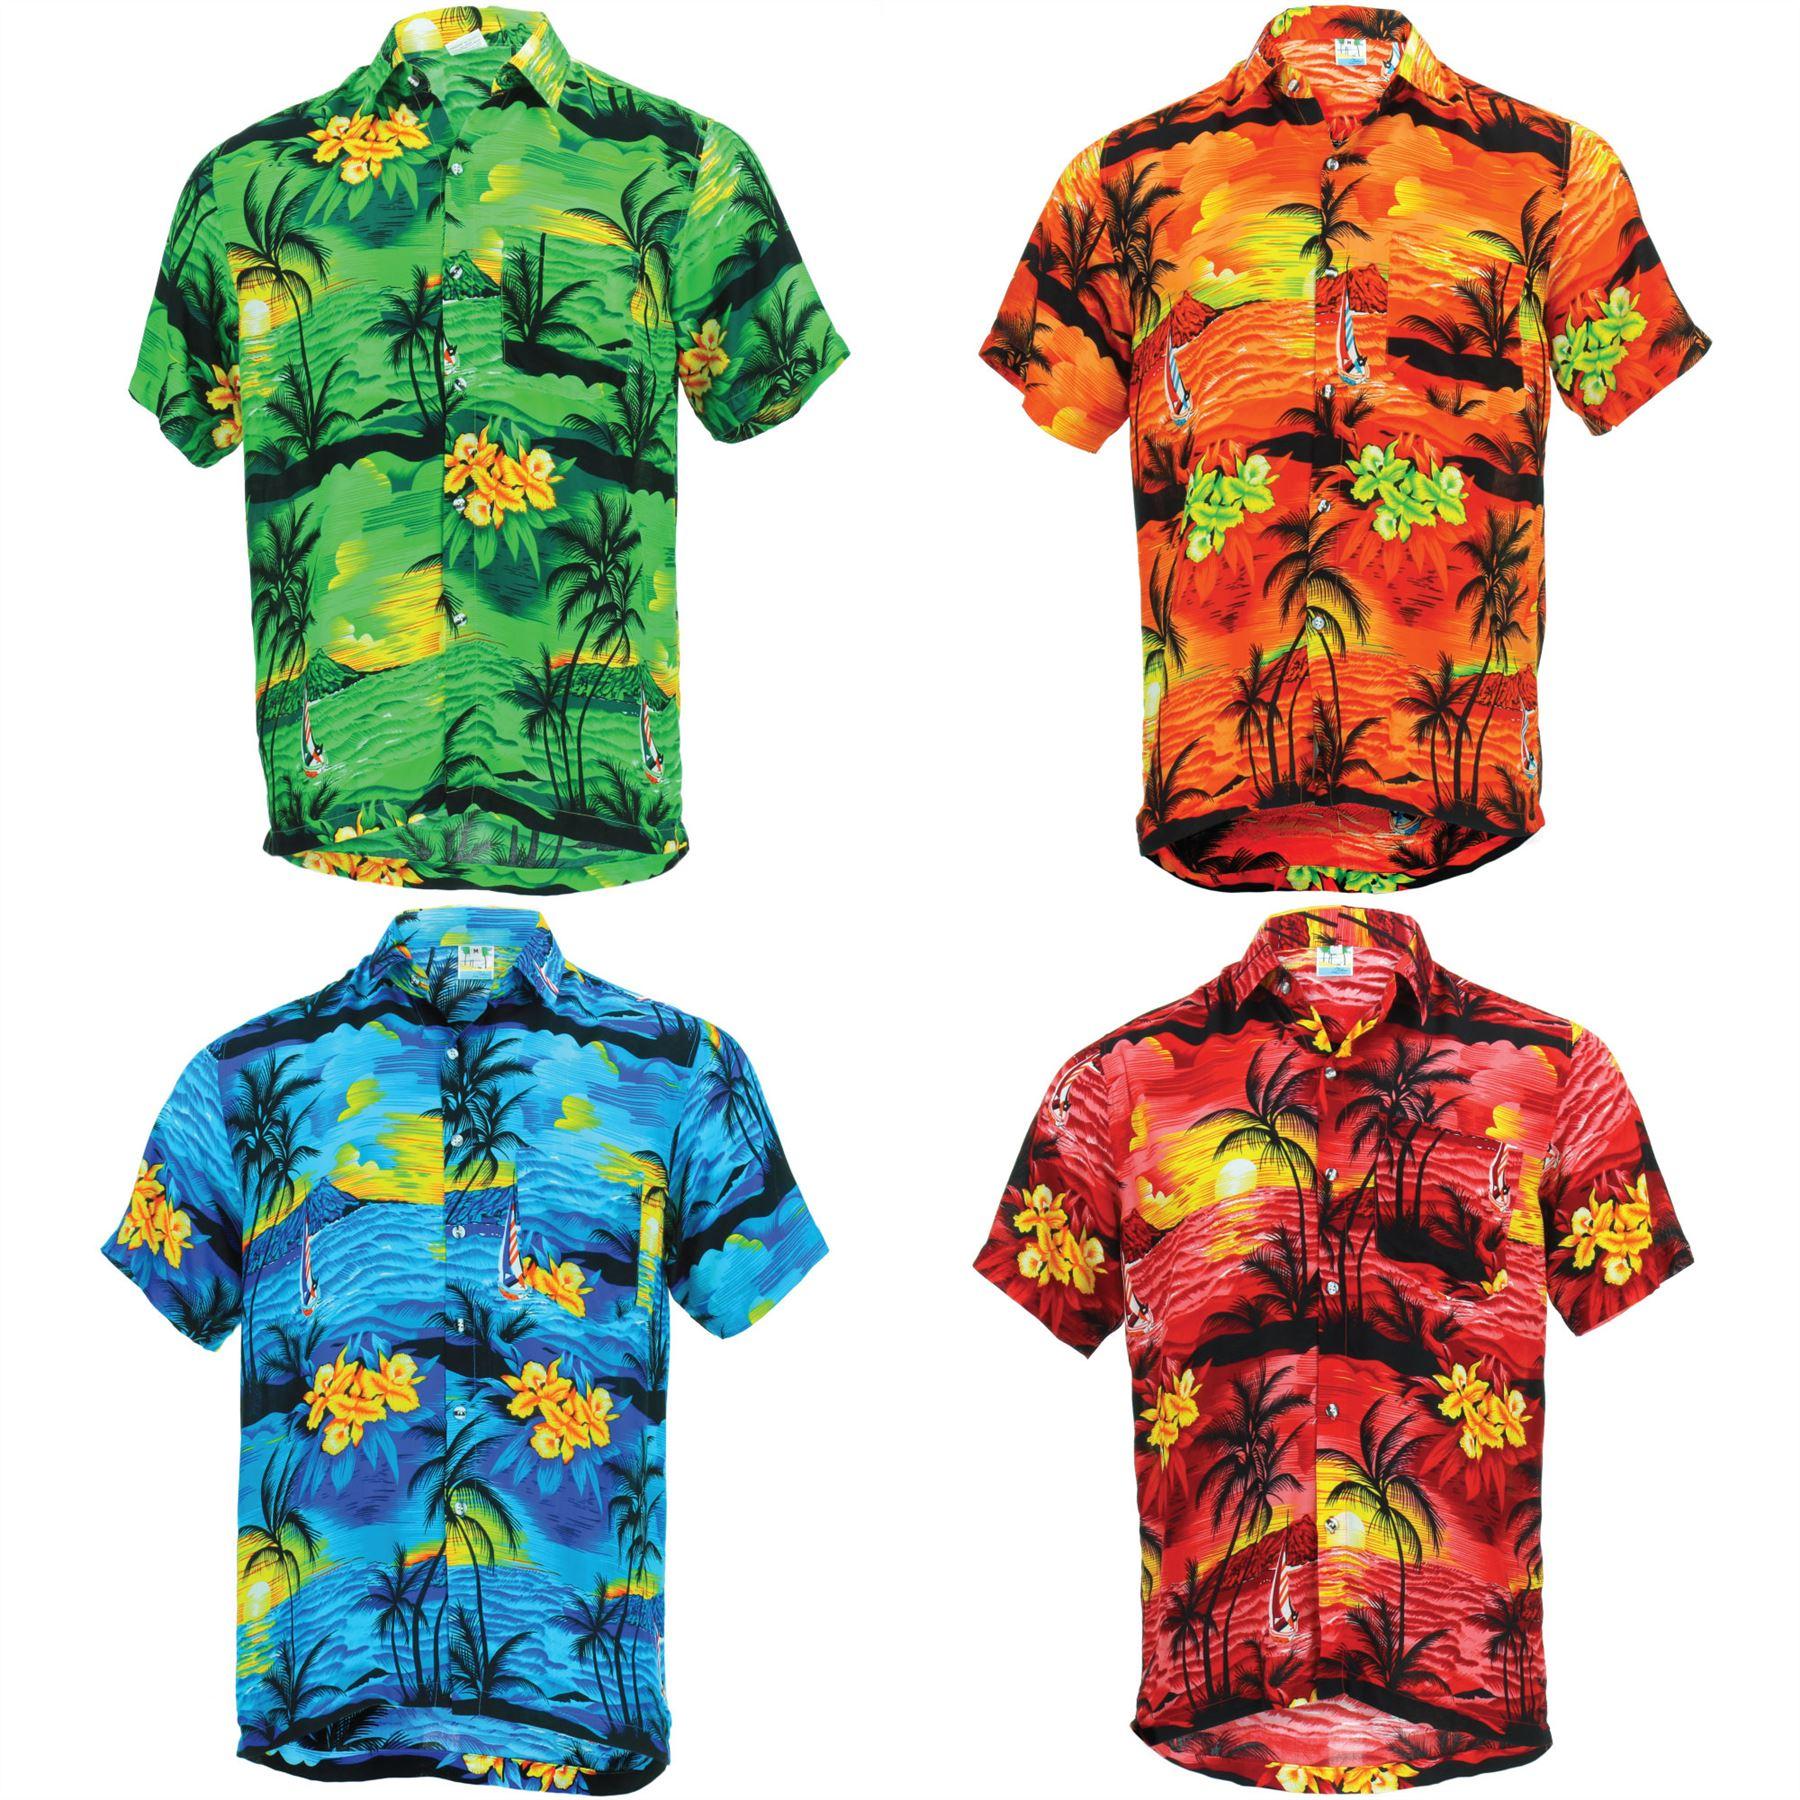 8e3bf39a6 Camisa Hawaiana Hombre Manga Corta Palmeras Fiesta Aloha